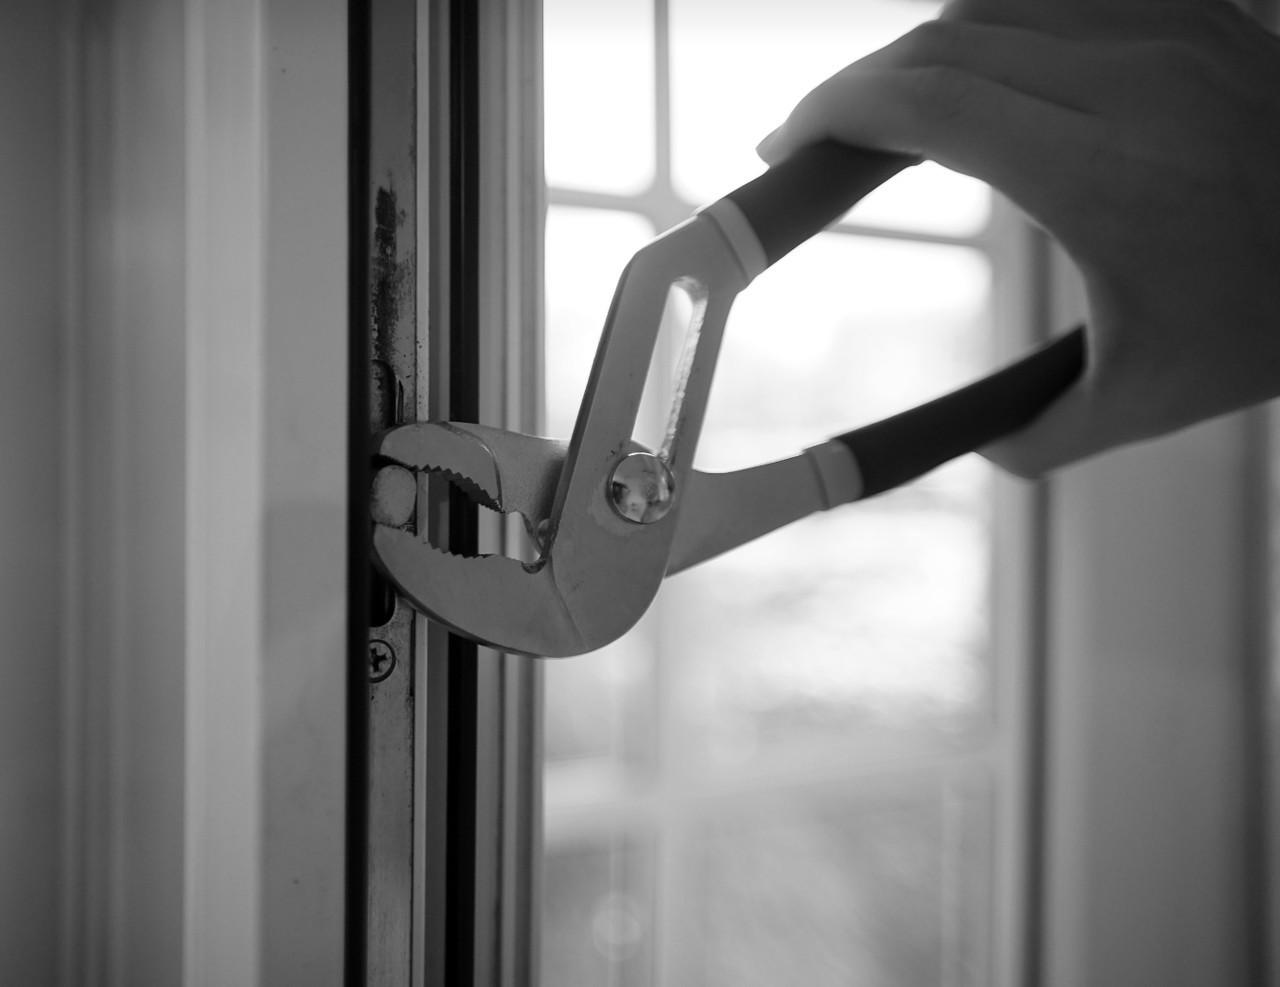 Кабмин «разрешил» продавать и установить окна, но это не точно (обновленная)